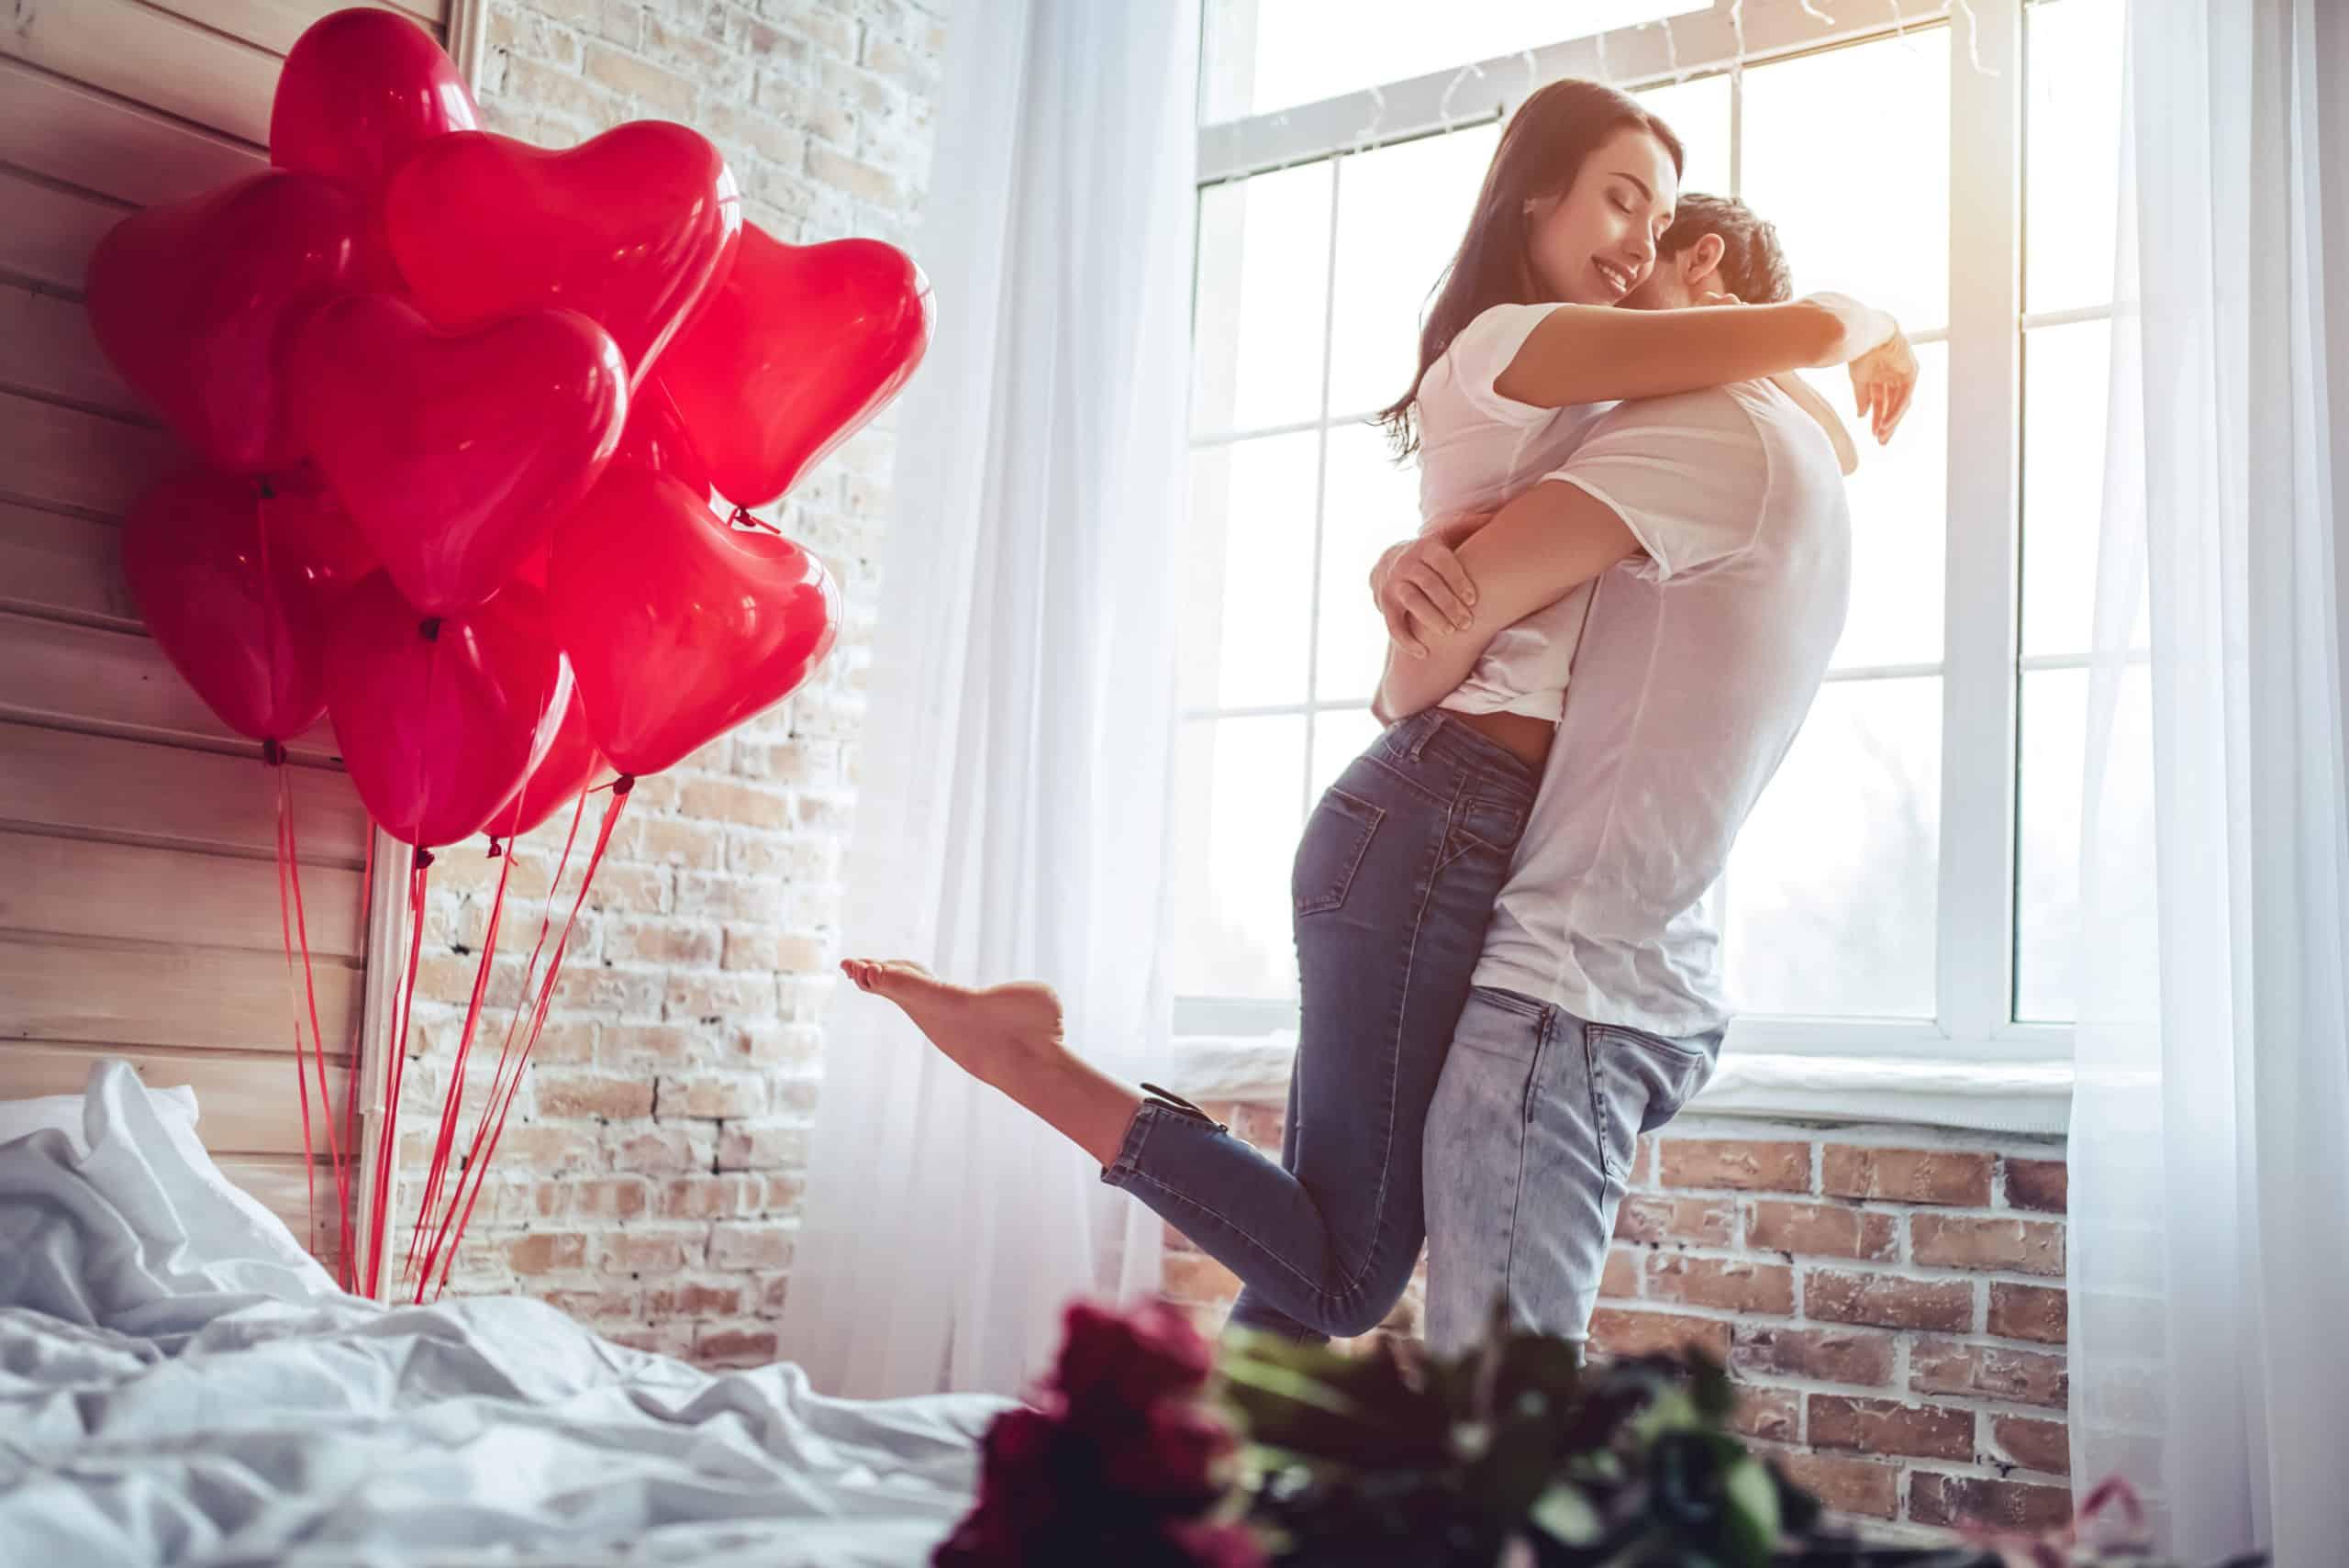 zamilovaný pár v období zamilovanosti pri plánovaní správneho času na svadbu